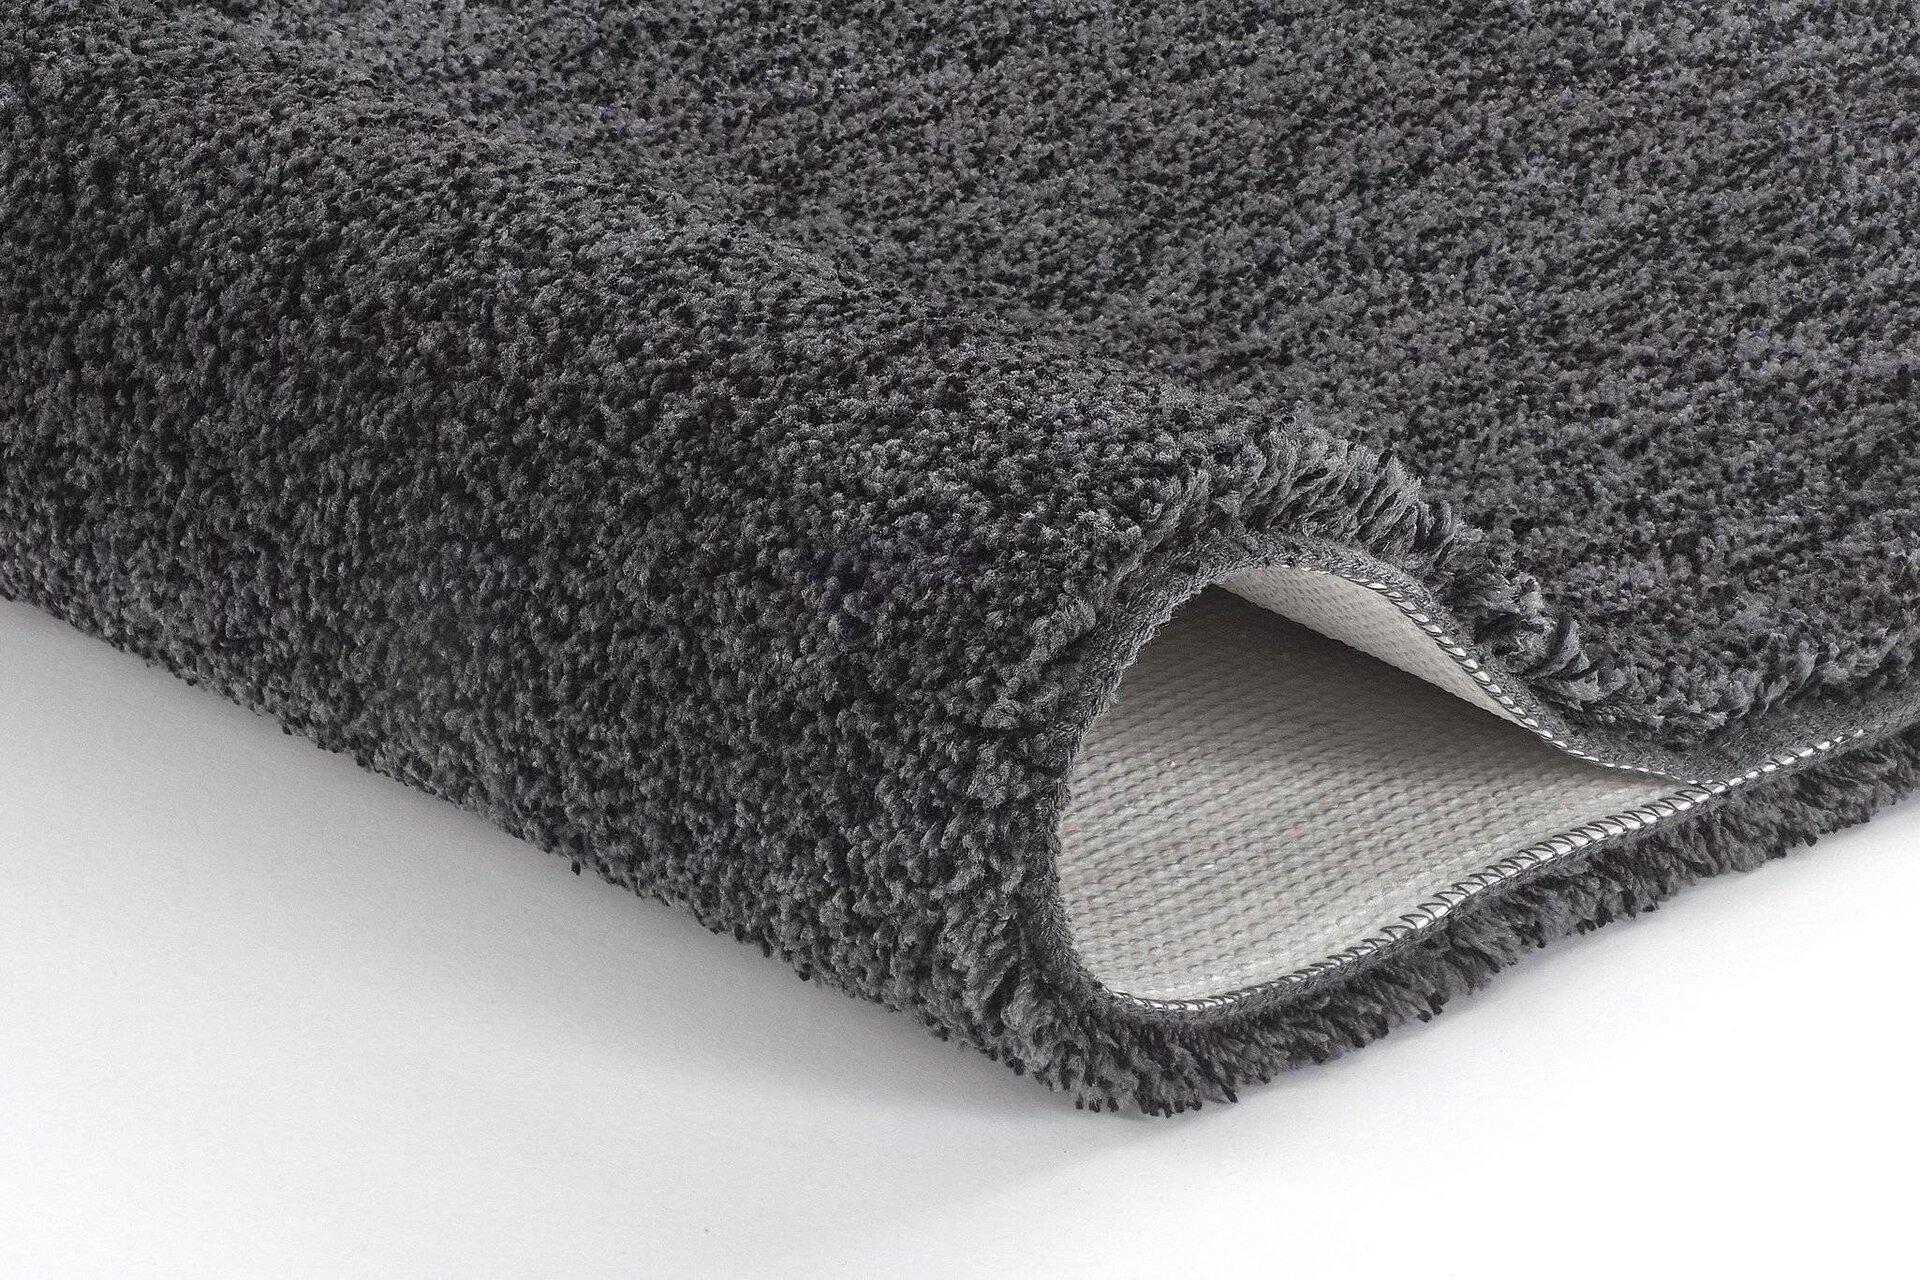 Badteppich Seattle Kleine Wolke Textil 50 x 3 x 55 cm